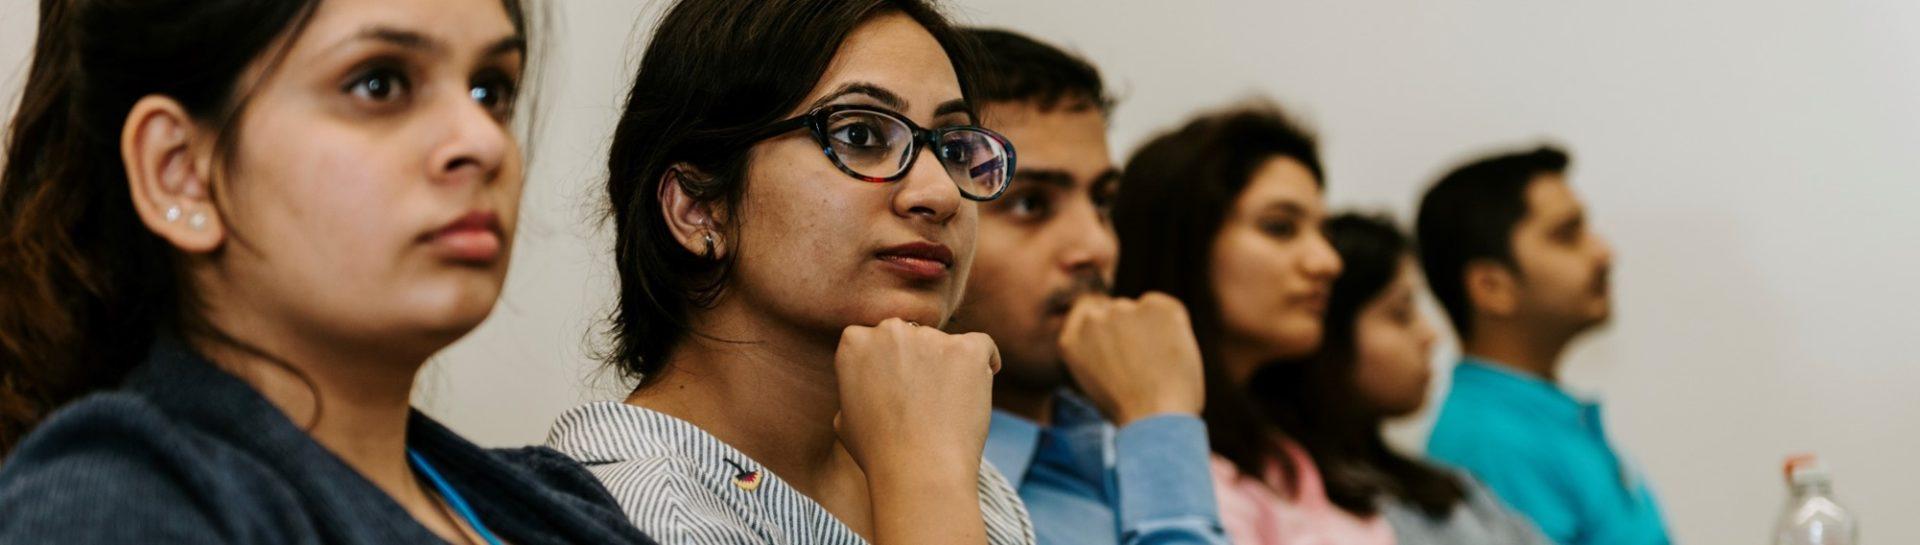 Student talk | Channpreet Kaur